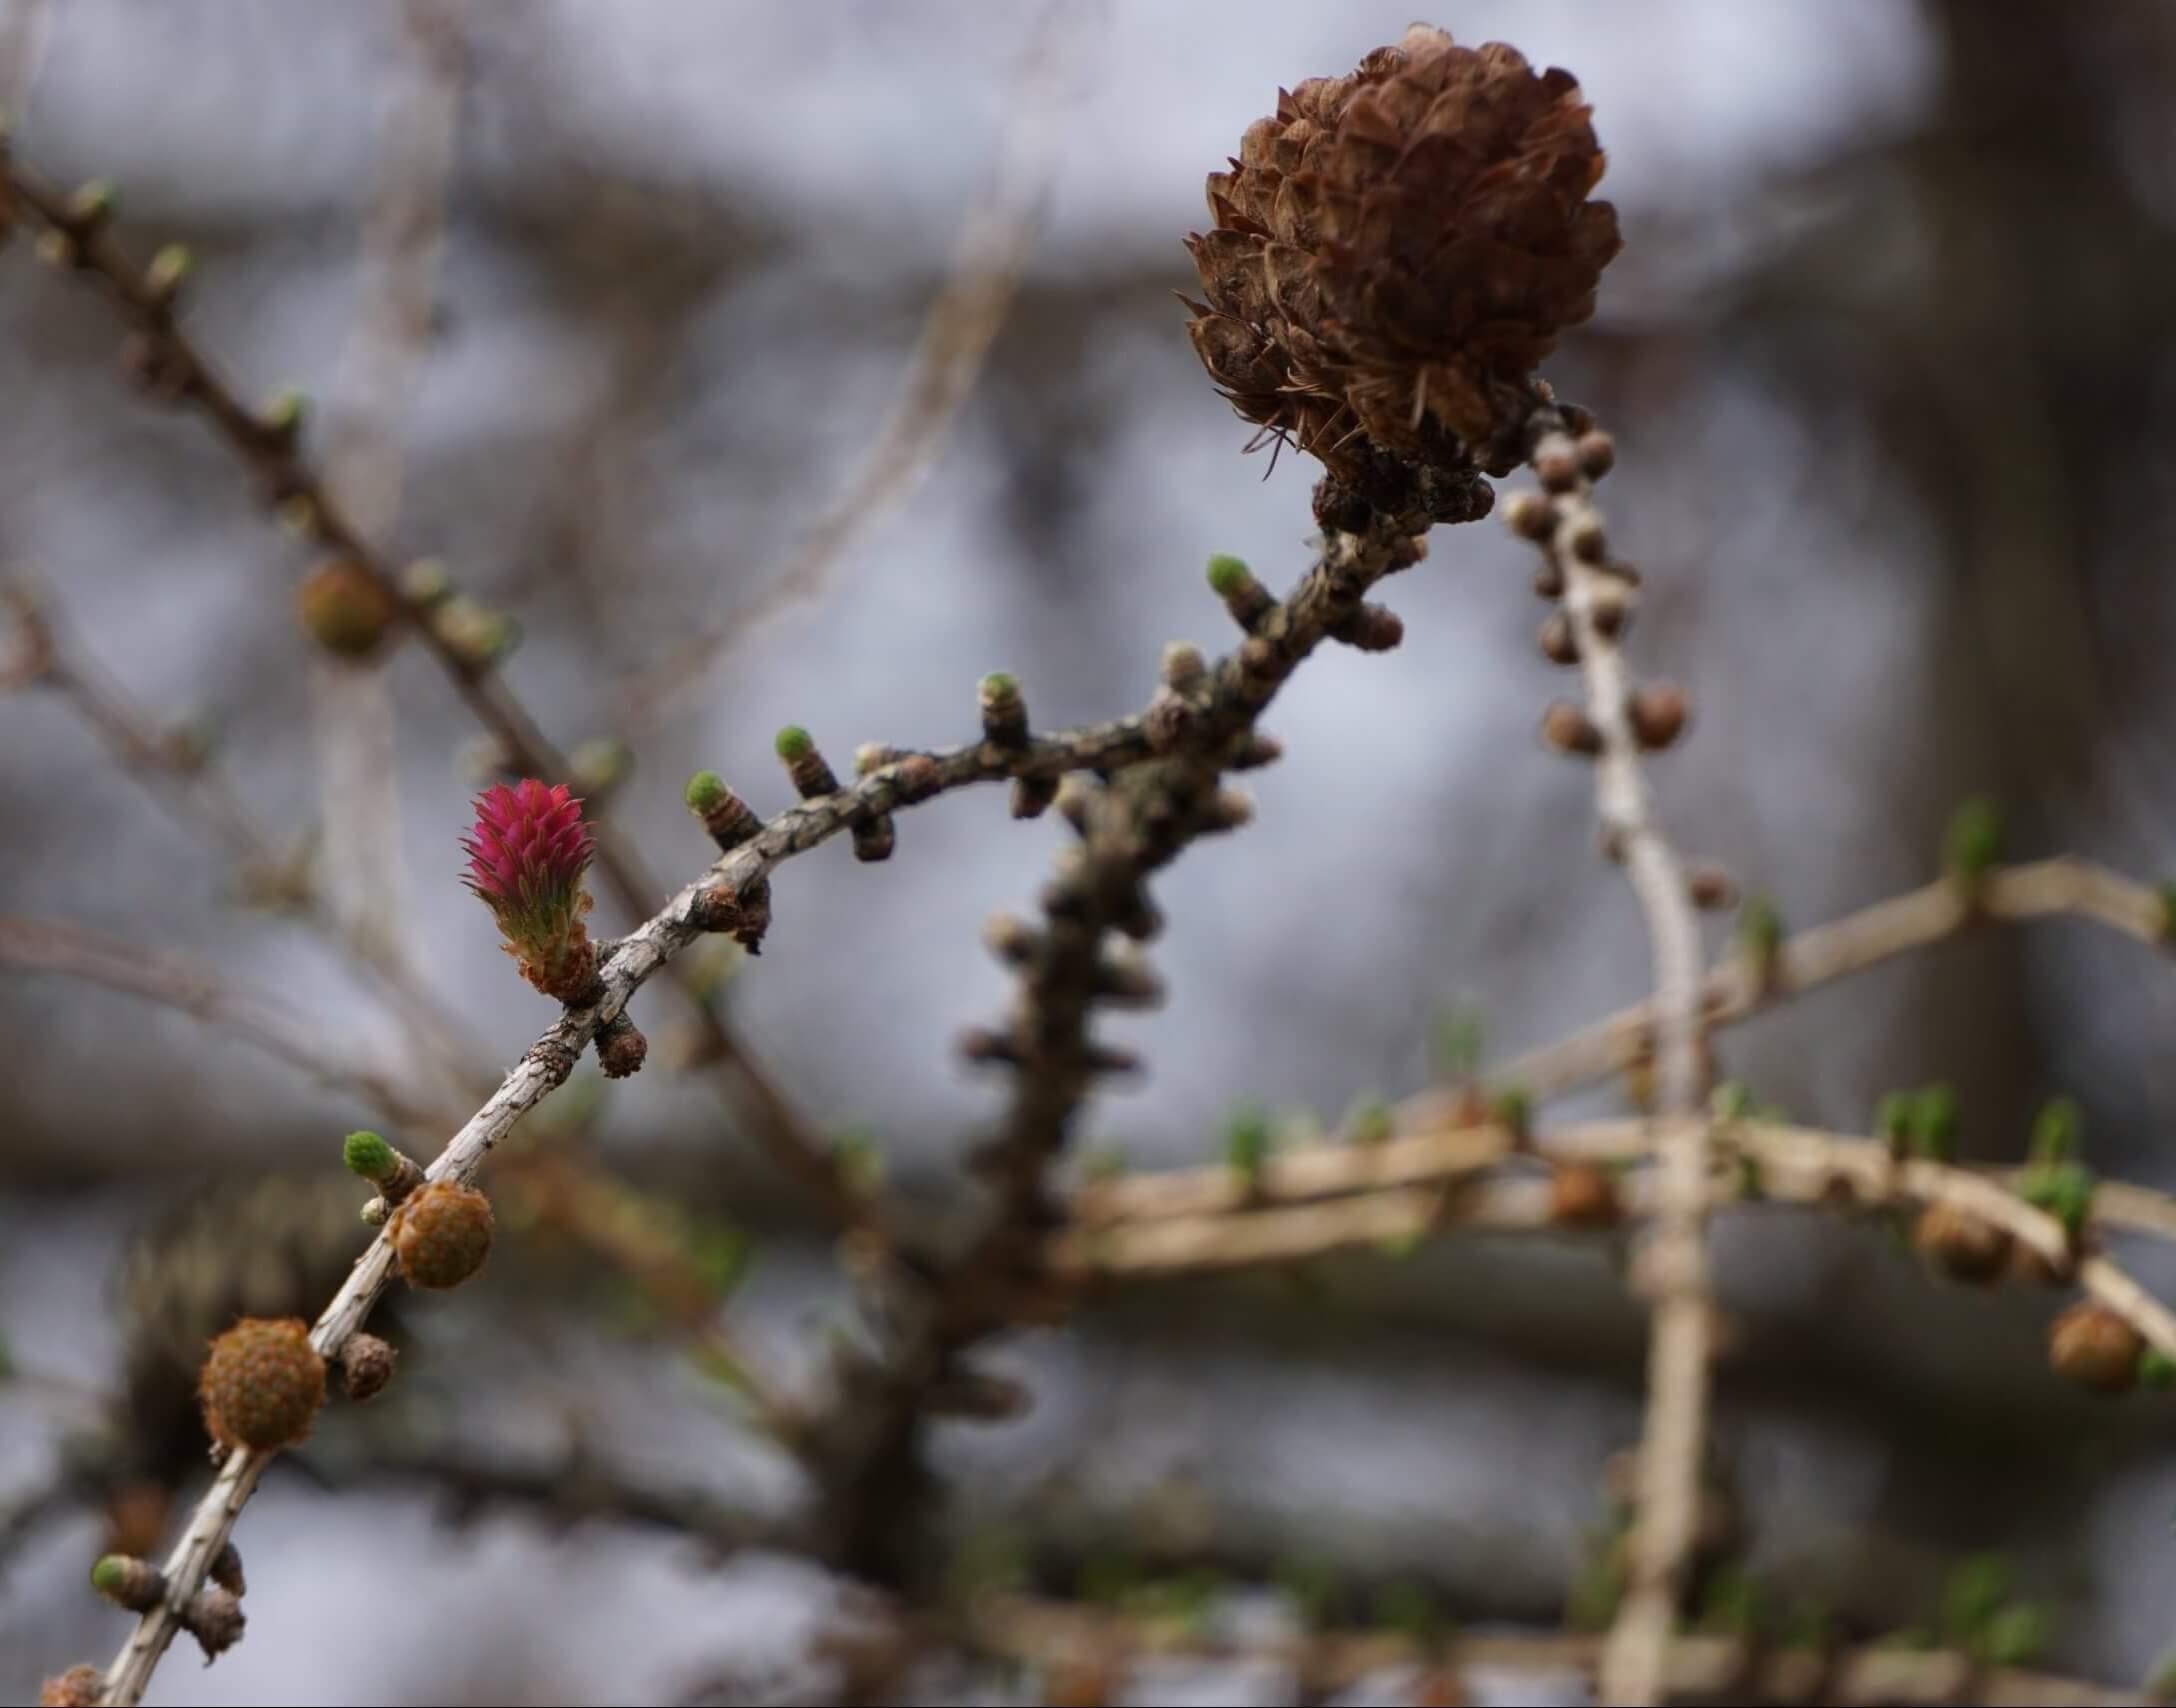 Das Bild zeigt die weiblichen Blütenzapfen der Lärche. Sie sind zwar recht klein, aber schon an ihren roten Fruchtschuppen an den Zweigen auffallend.